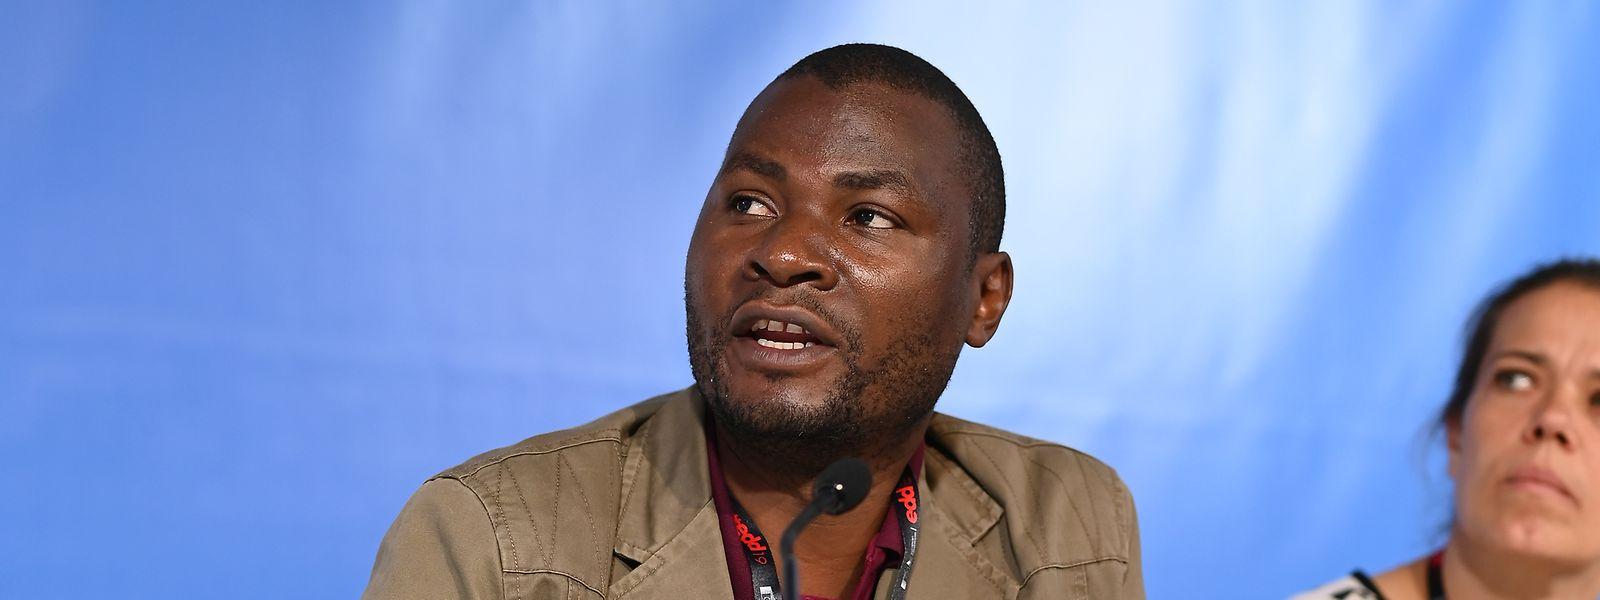 Moses Chibwana ermutigt junge Menschen, nach ihrer Ausbildung im ländlichen Raum zu bleiben und diesen aufzubauen.